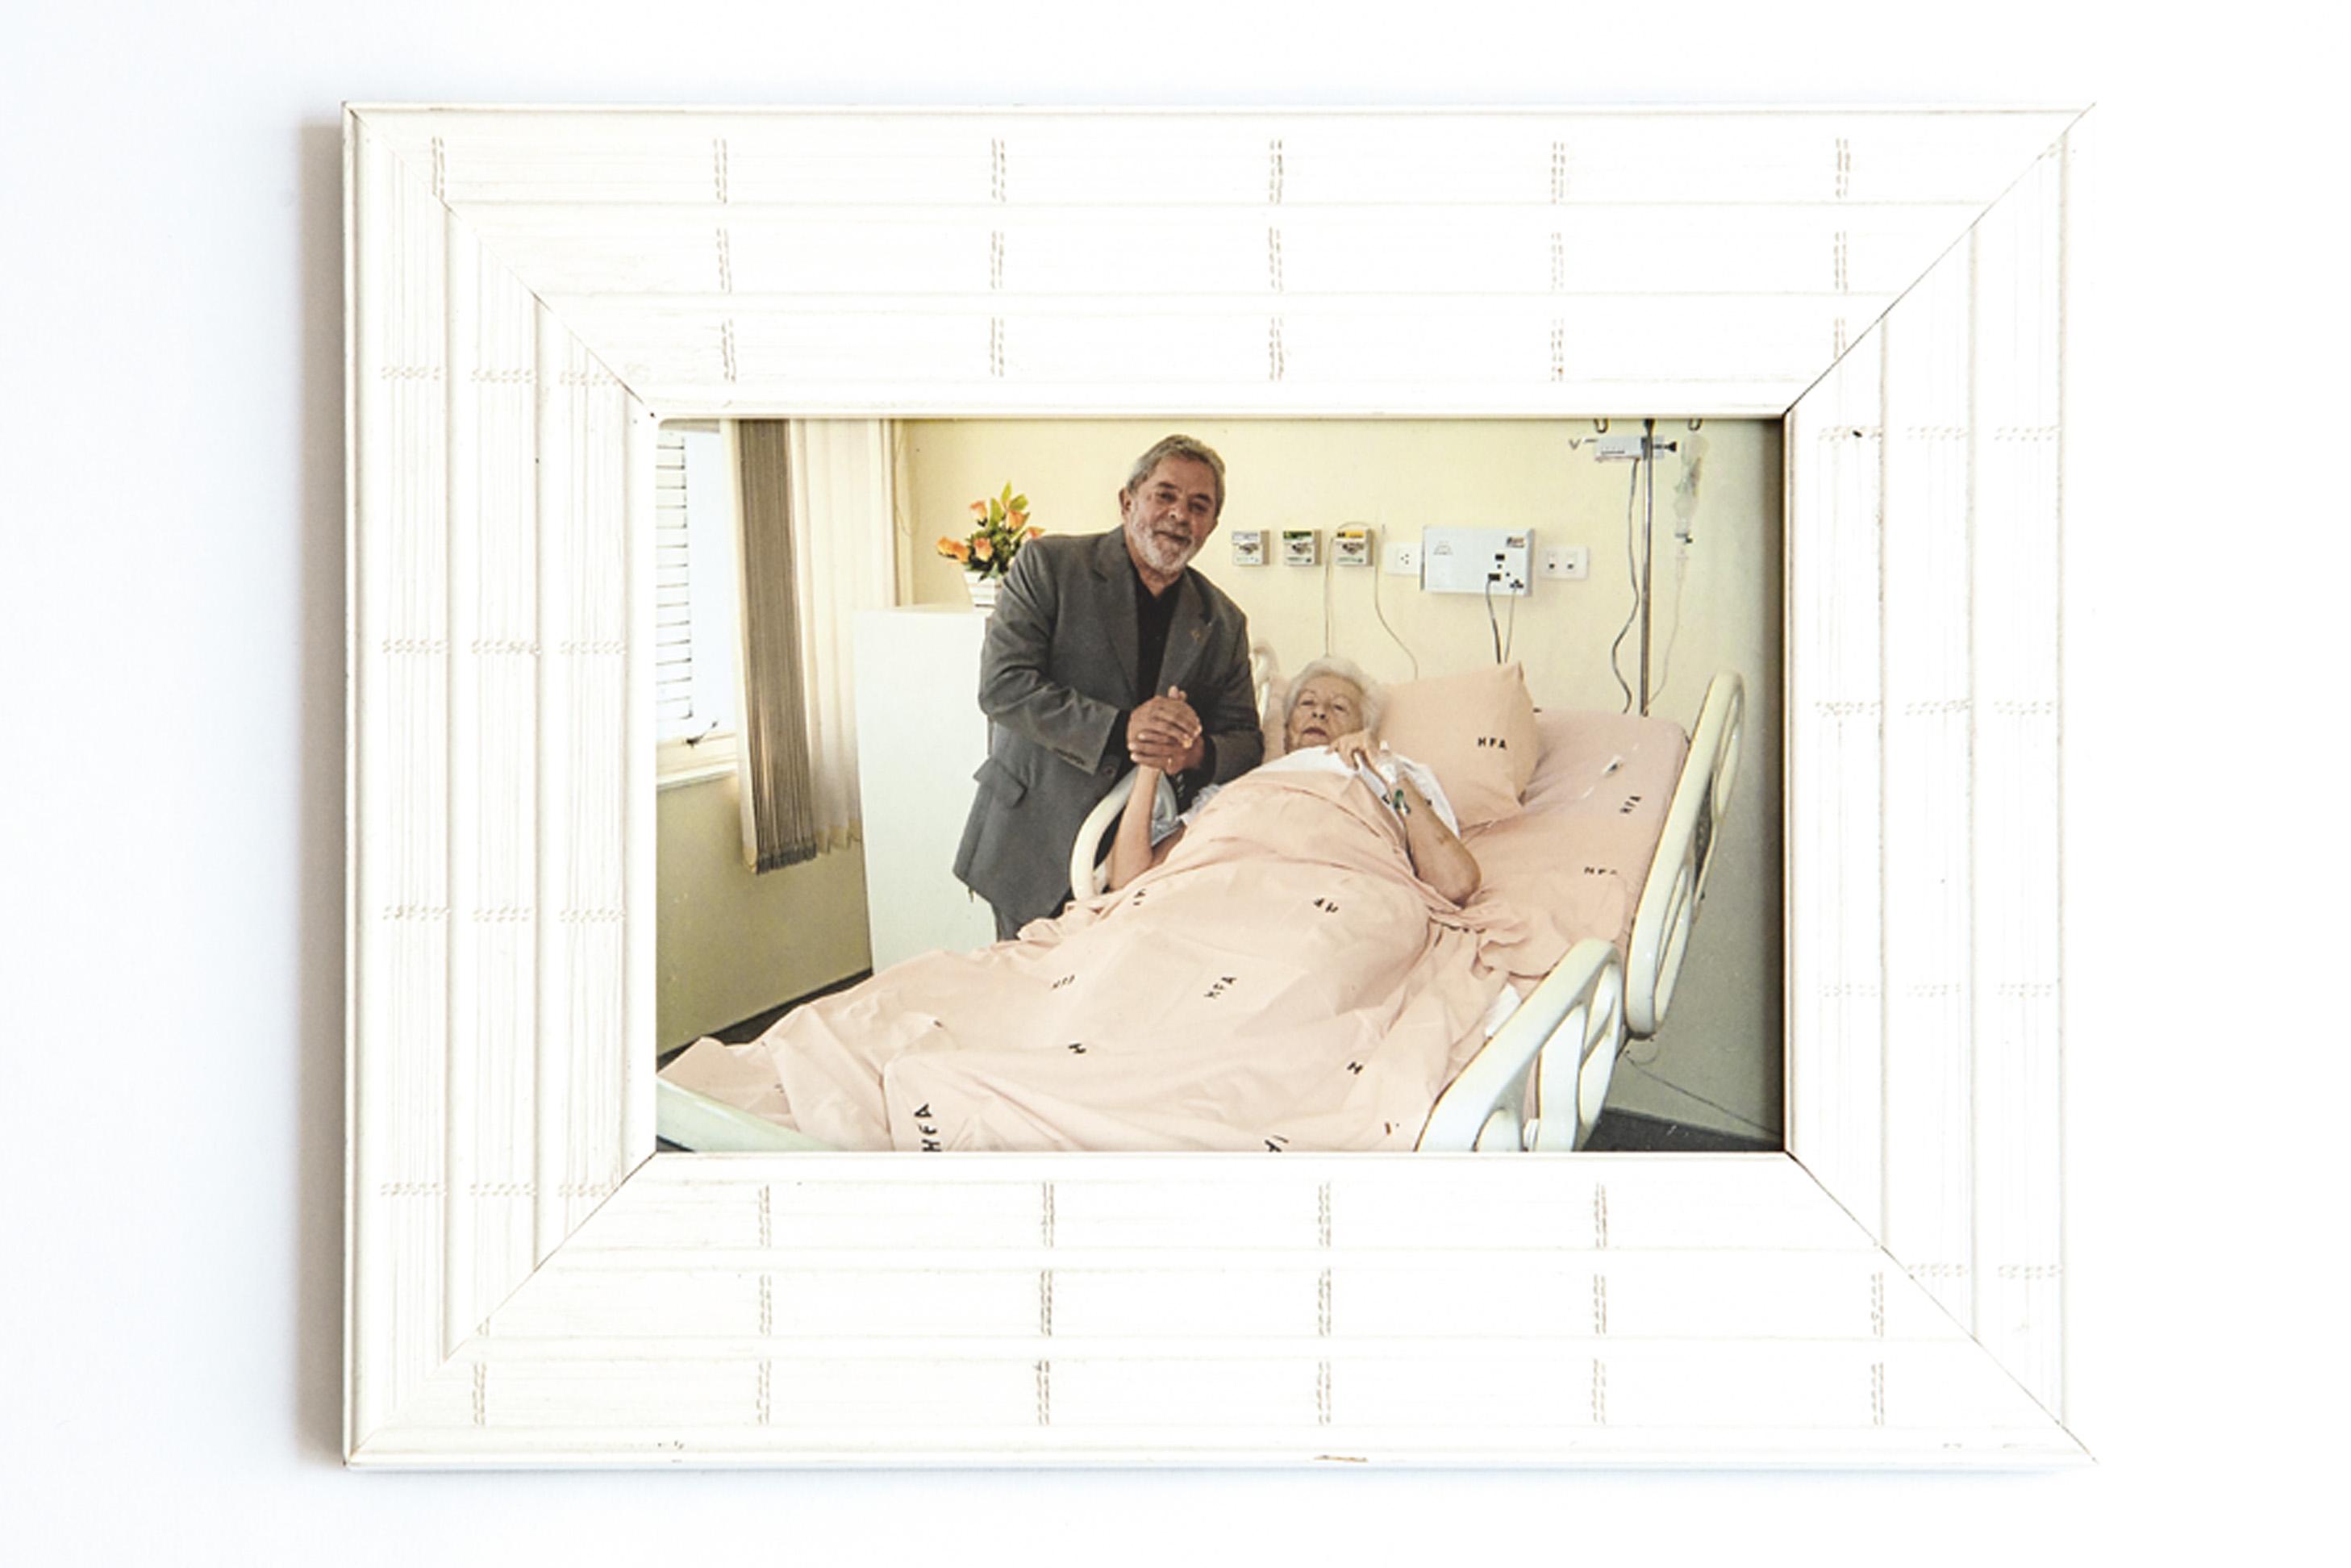 Recebendo visita de Lula, então presidente, que conseguiu especialmente que ela fosse internada no hospital das Forças Armadas, onde foi operada de uma fratura no fêmur, em 2010